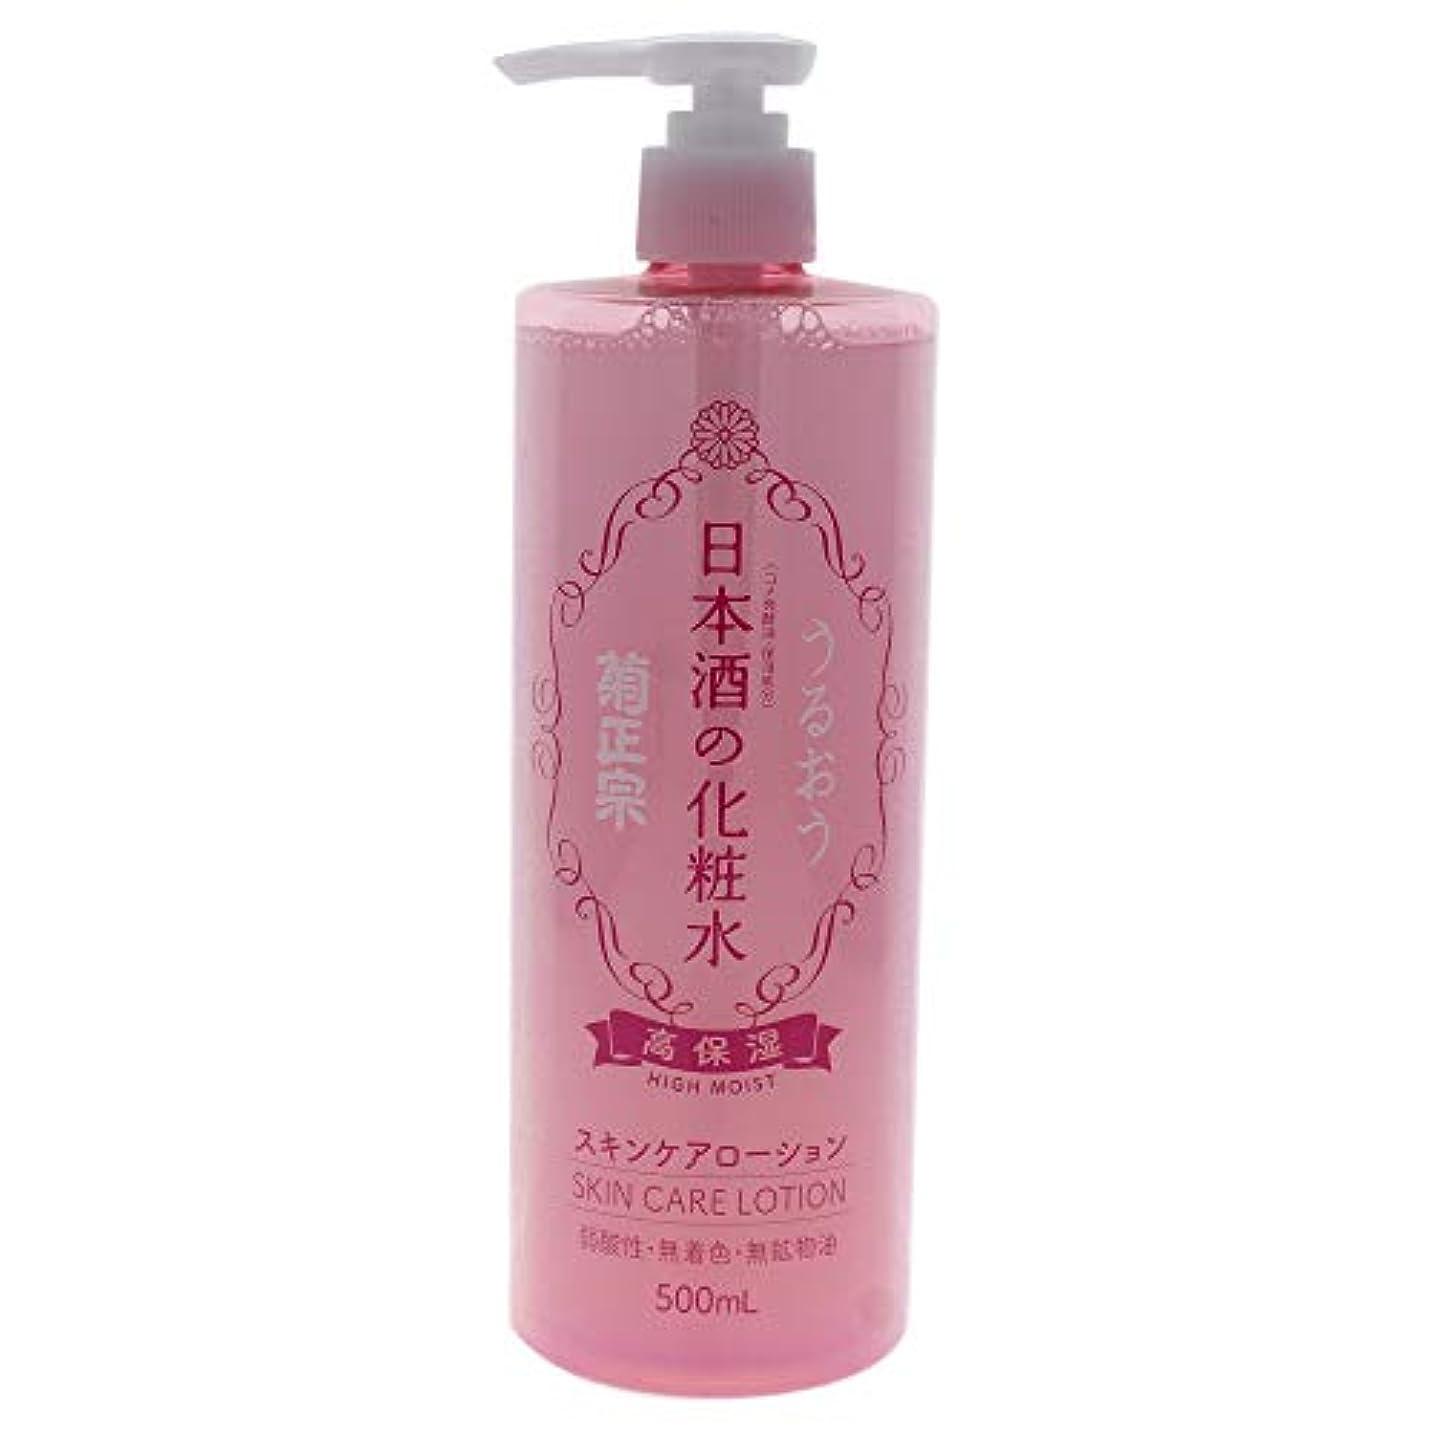 新しさ常識空菊正宗 日本酒の化粧水 高保湿 単品 500ml